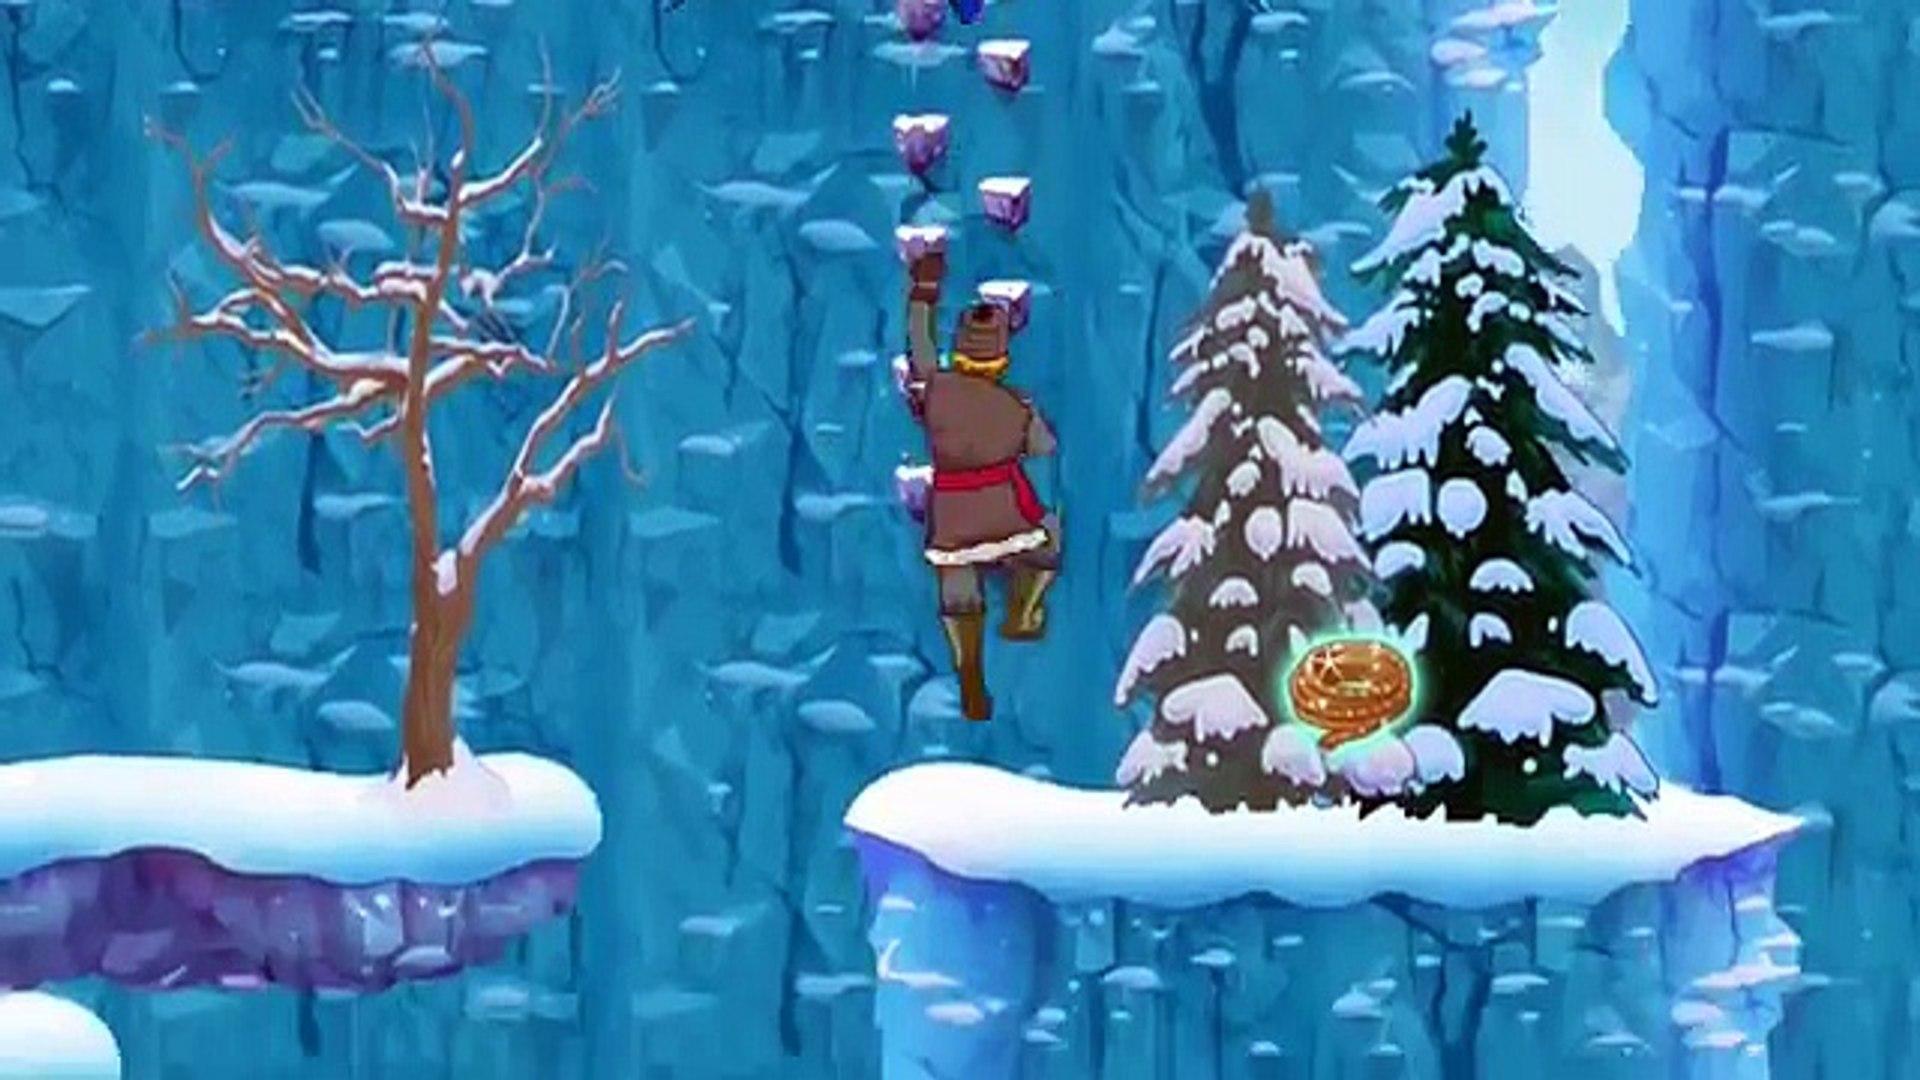 София прекрасная и Ельза ледяное сердце игры онлайн часть 2